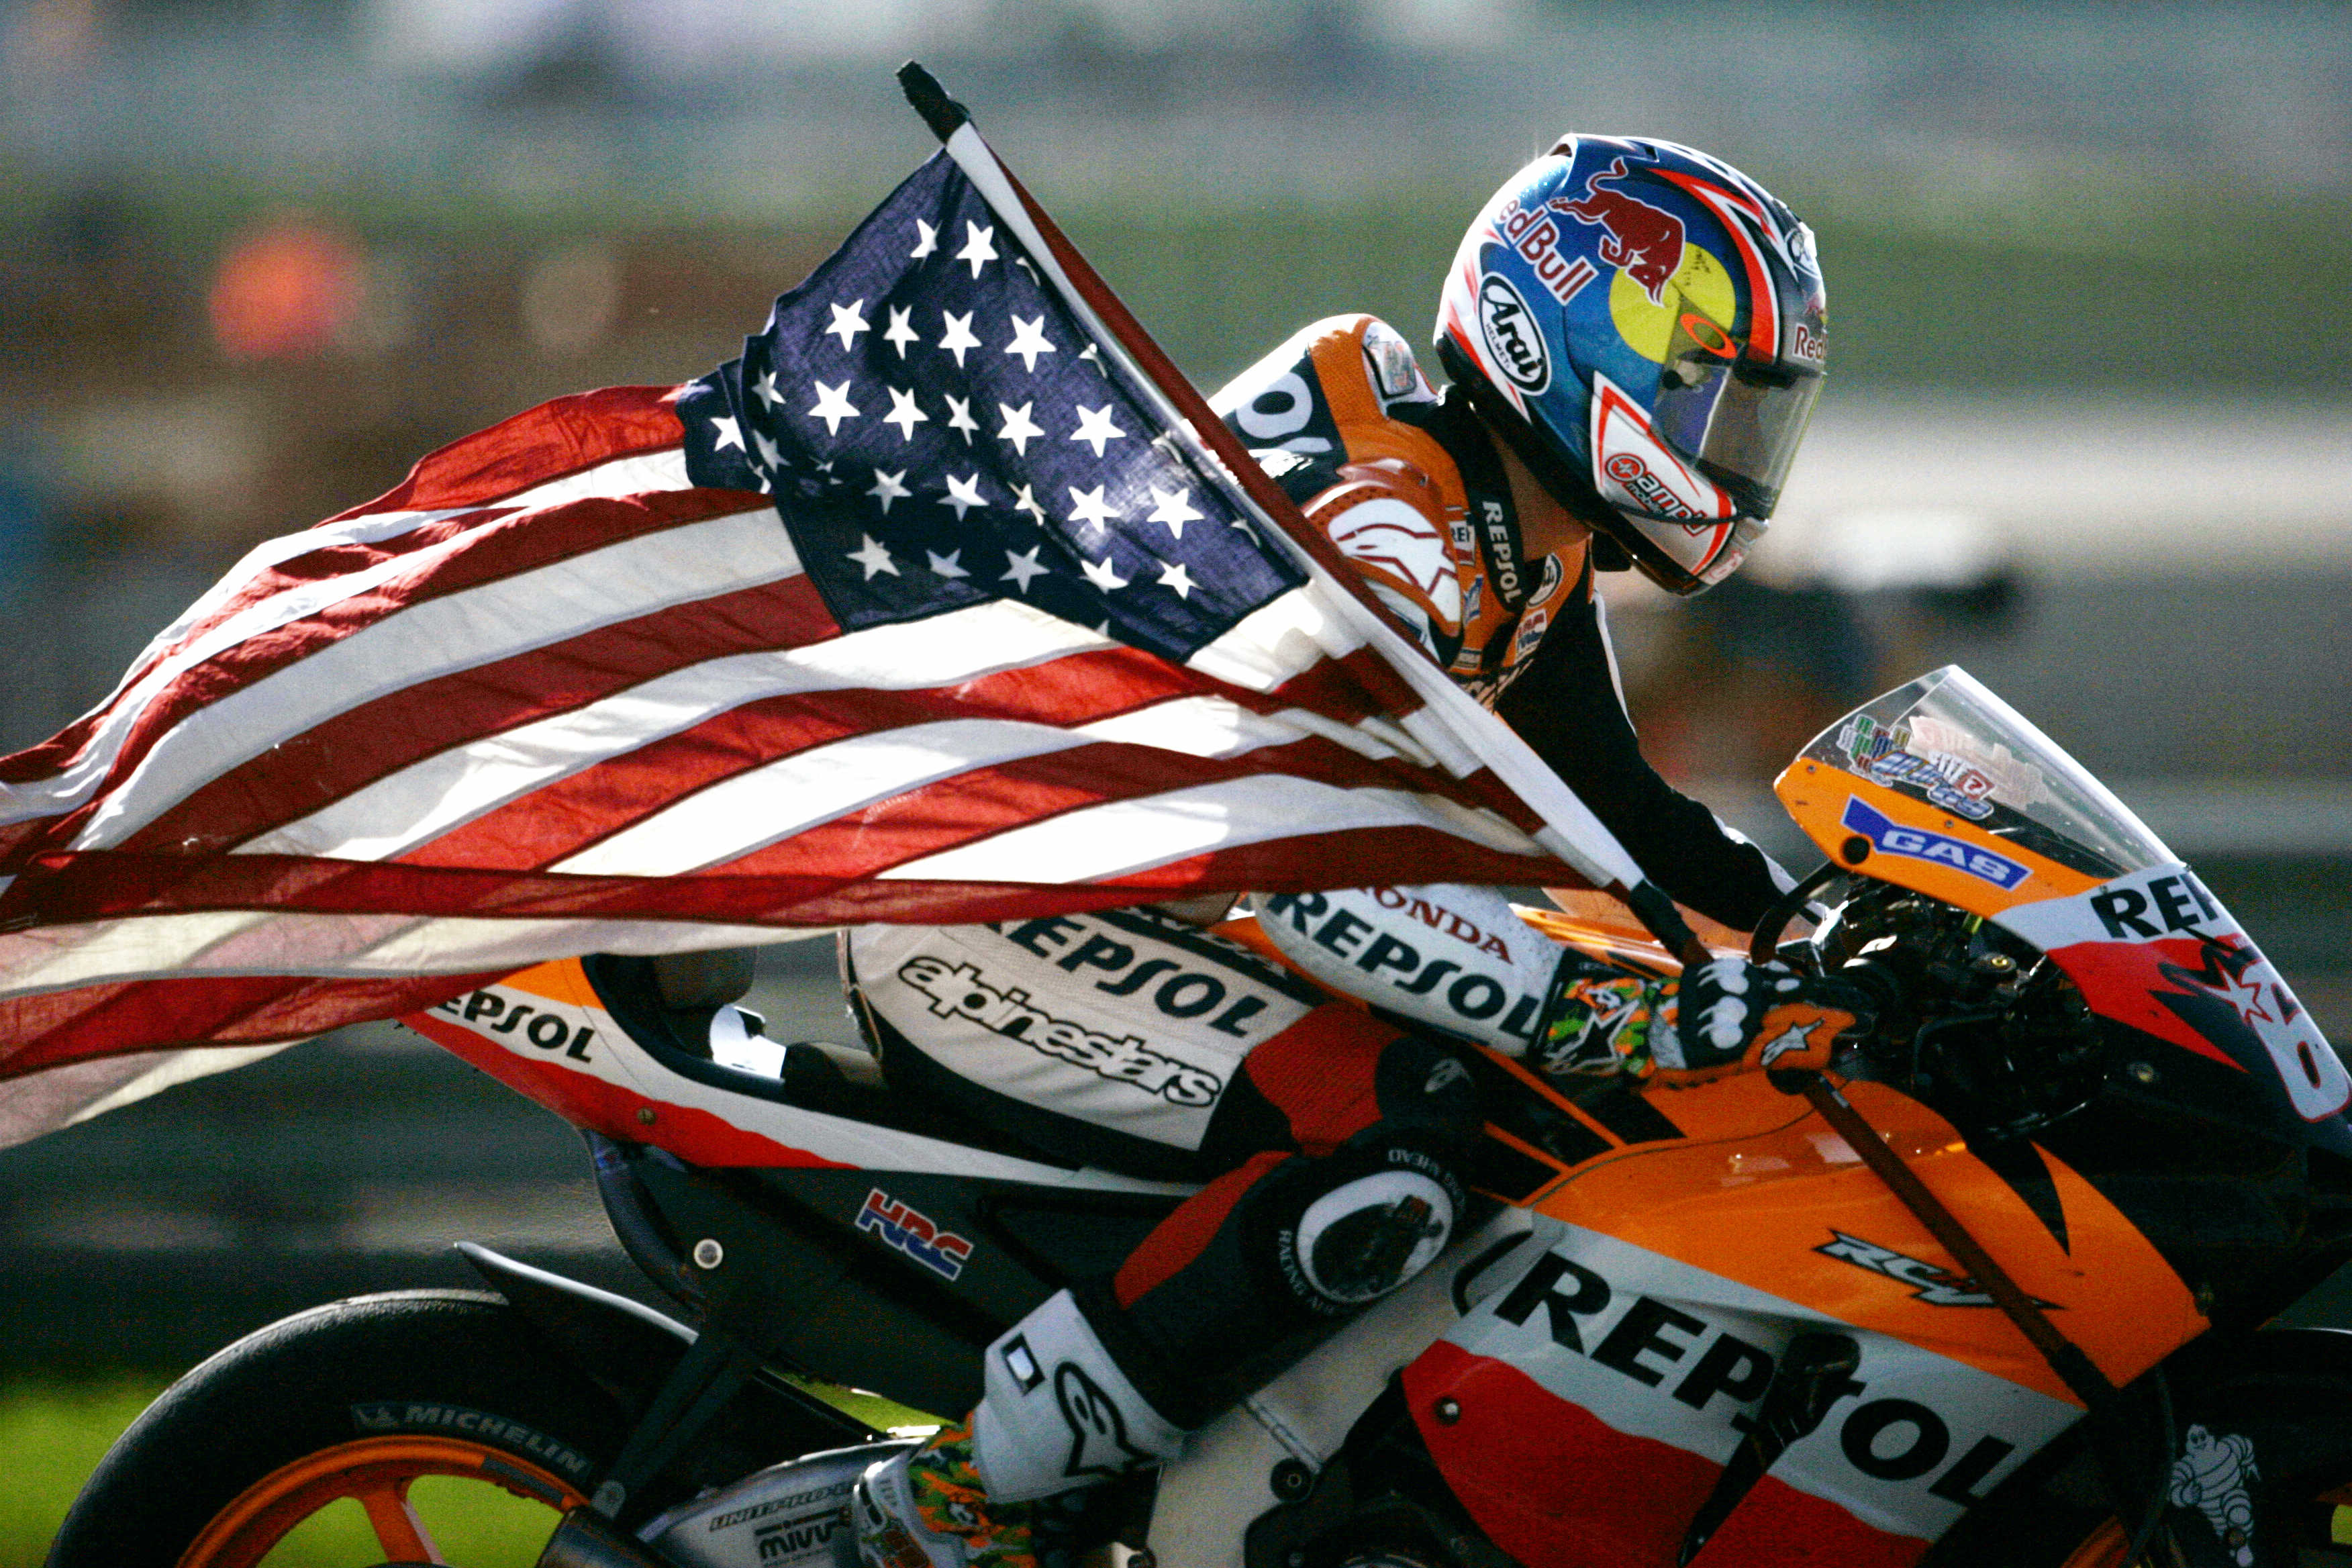 Nicky Hayden, campeón del mundo de MotoGP, falleció tras ser atropellado